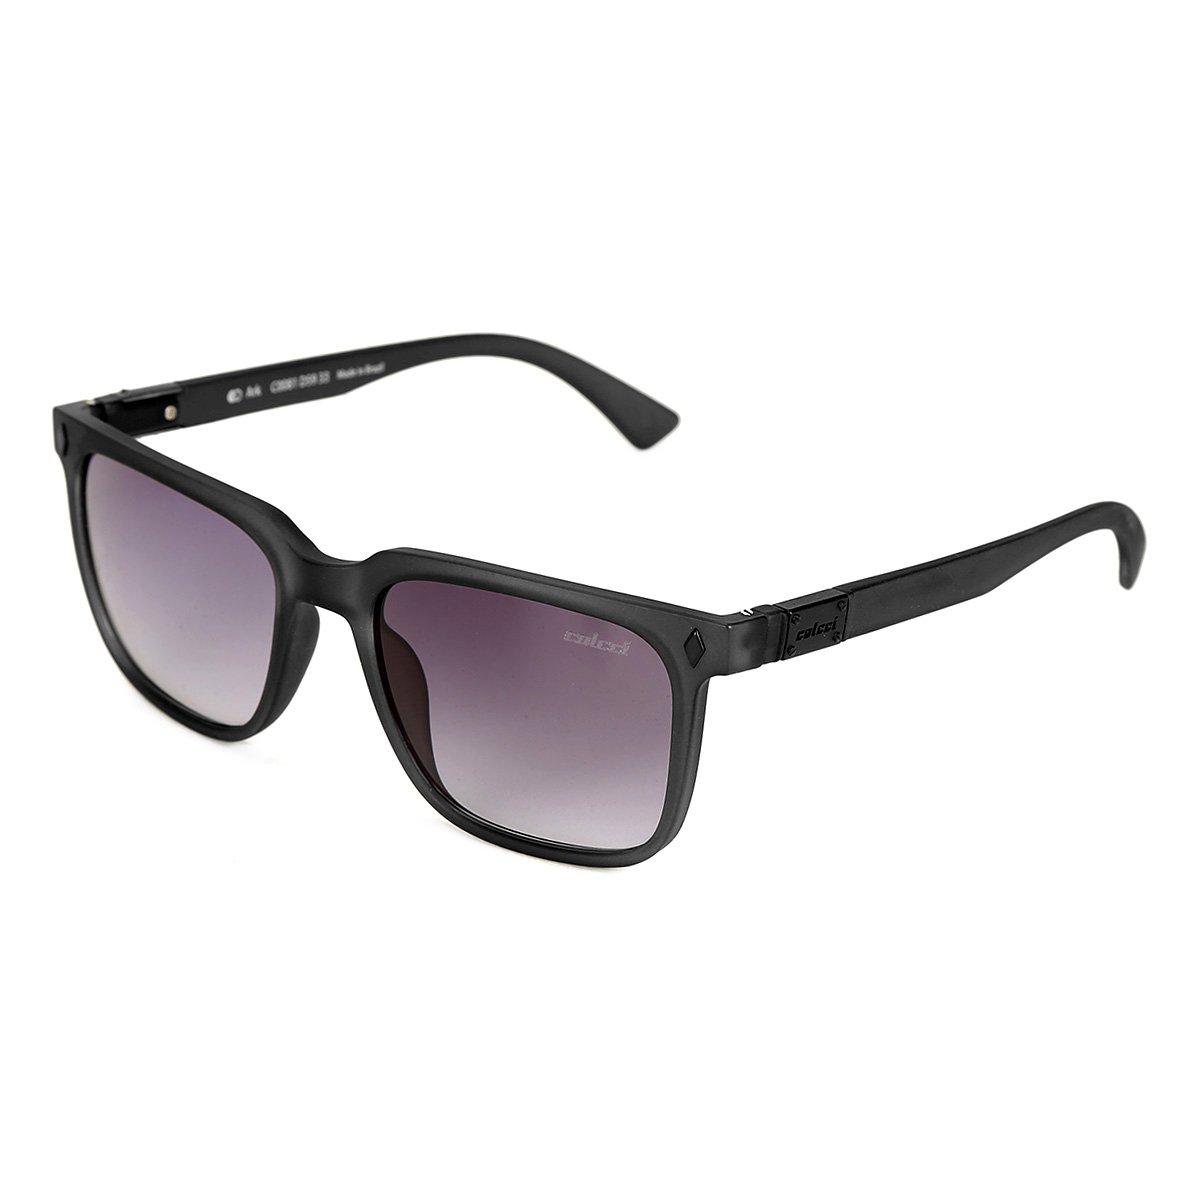 ec07f0479 Óculos de Sol Colcci Ark Masculino   Netshoes